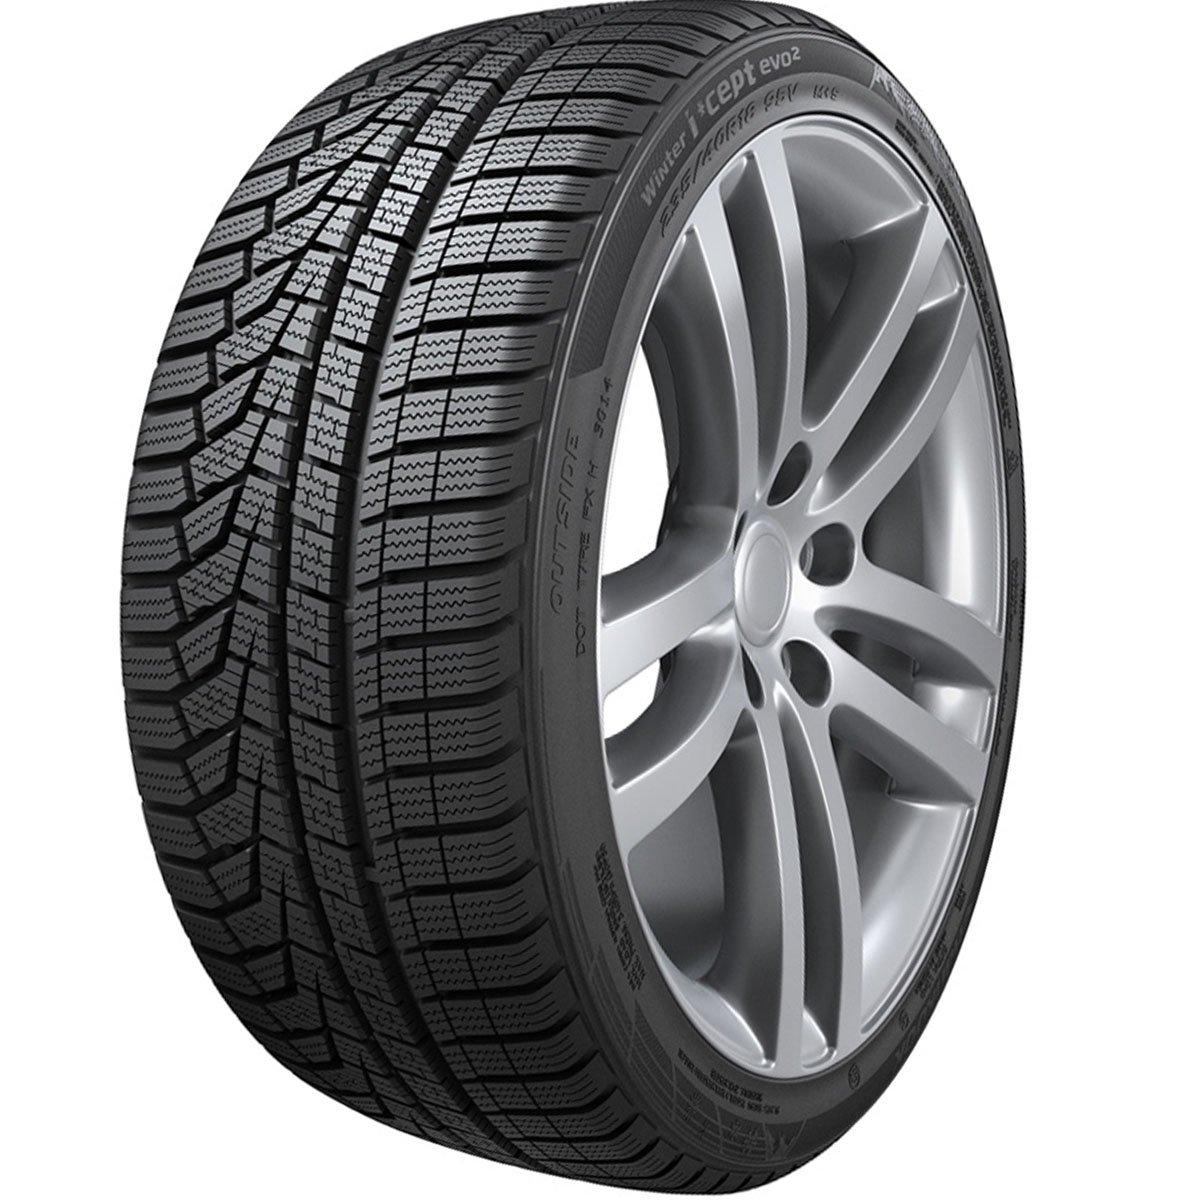 Neumático HANKOOK W320 235/50R18 101 V